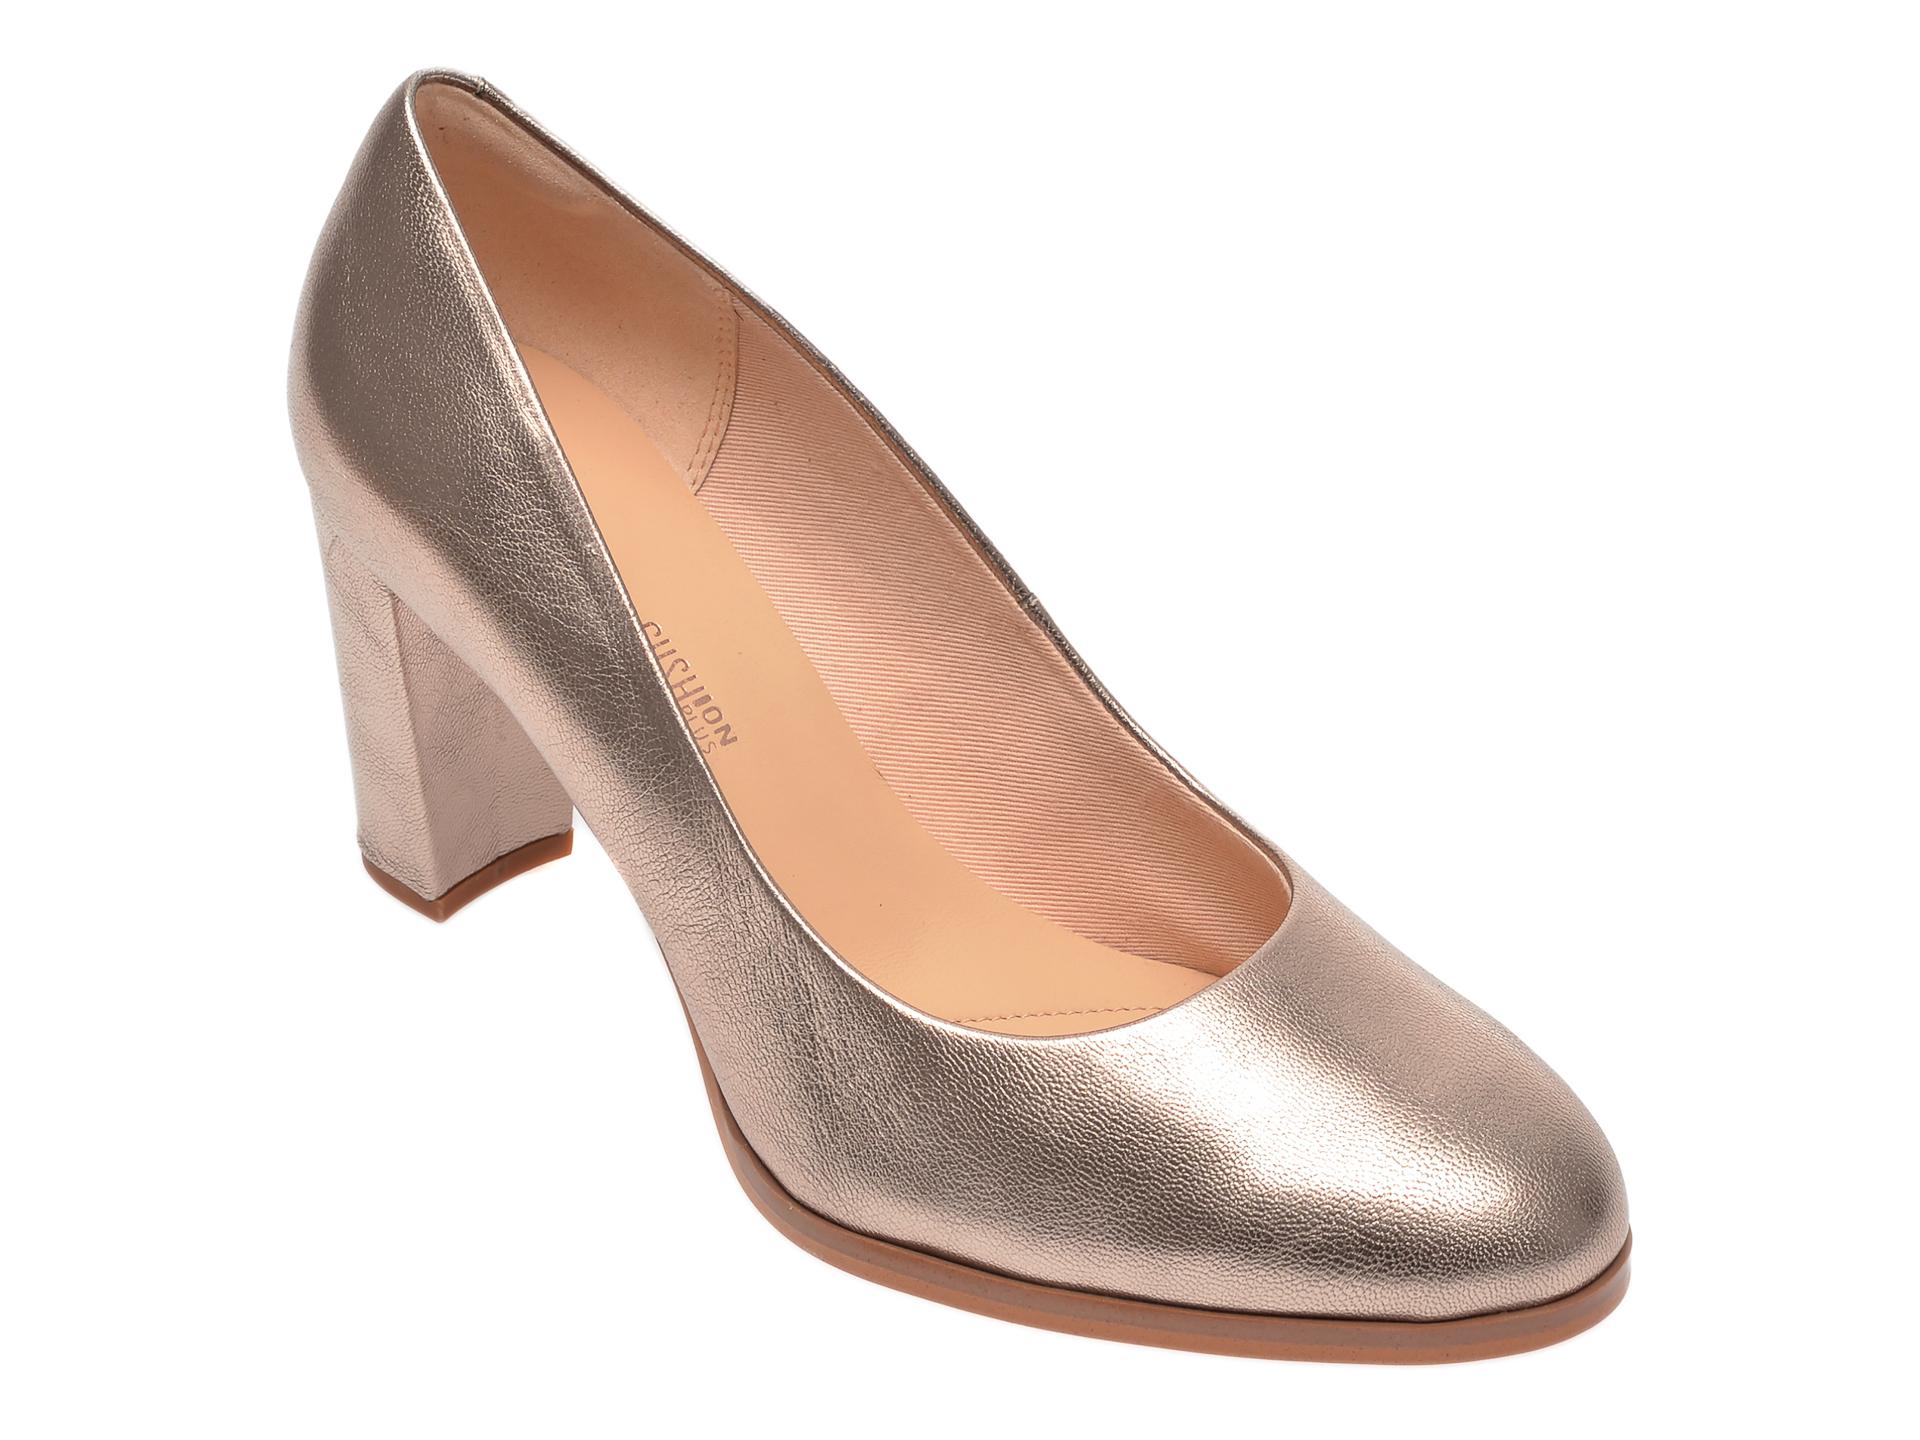 Pantofi CLARKS aurii, Kaylin Cara, din piele naturala imagine